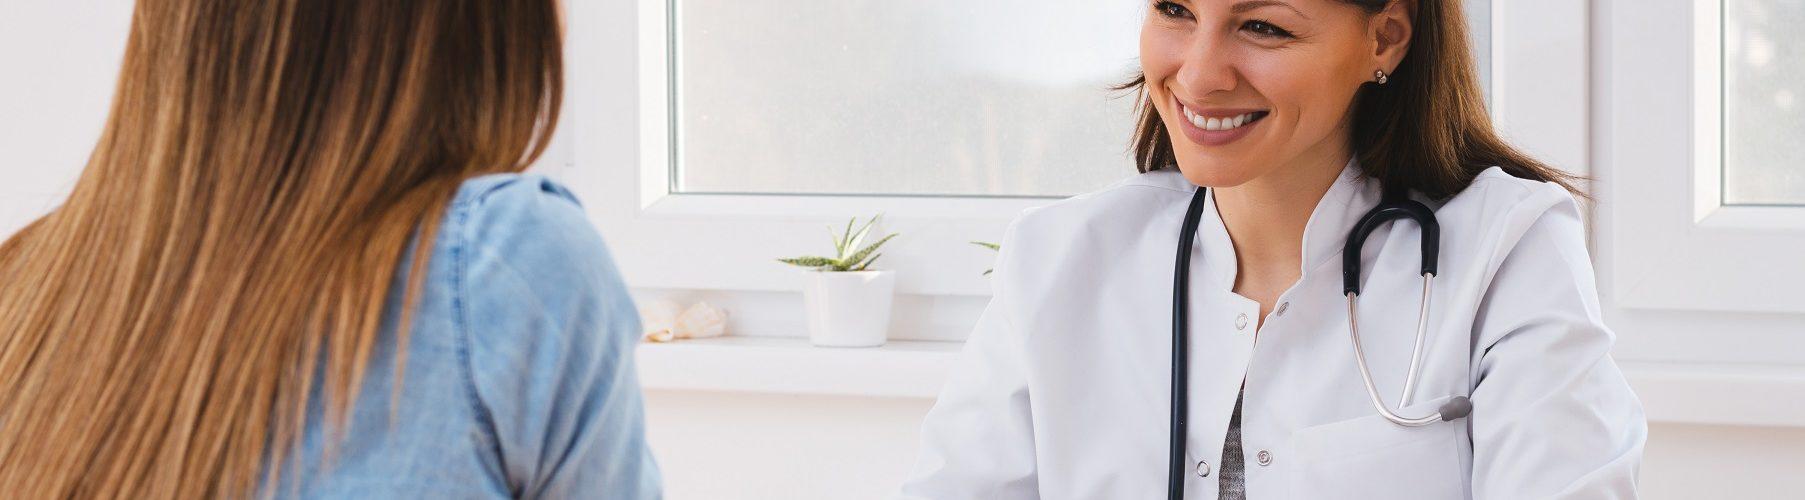 Gebärmutterpolypen Symptome und Behandlung